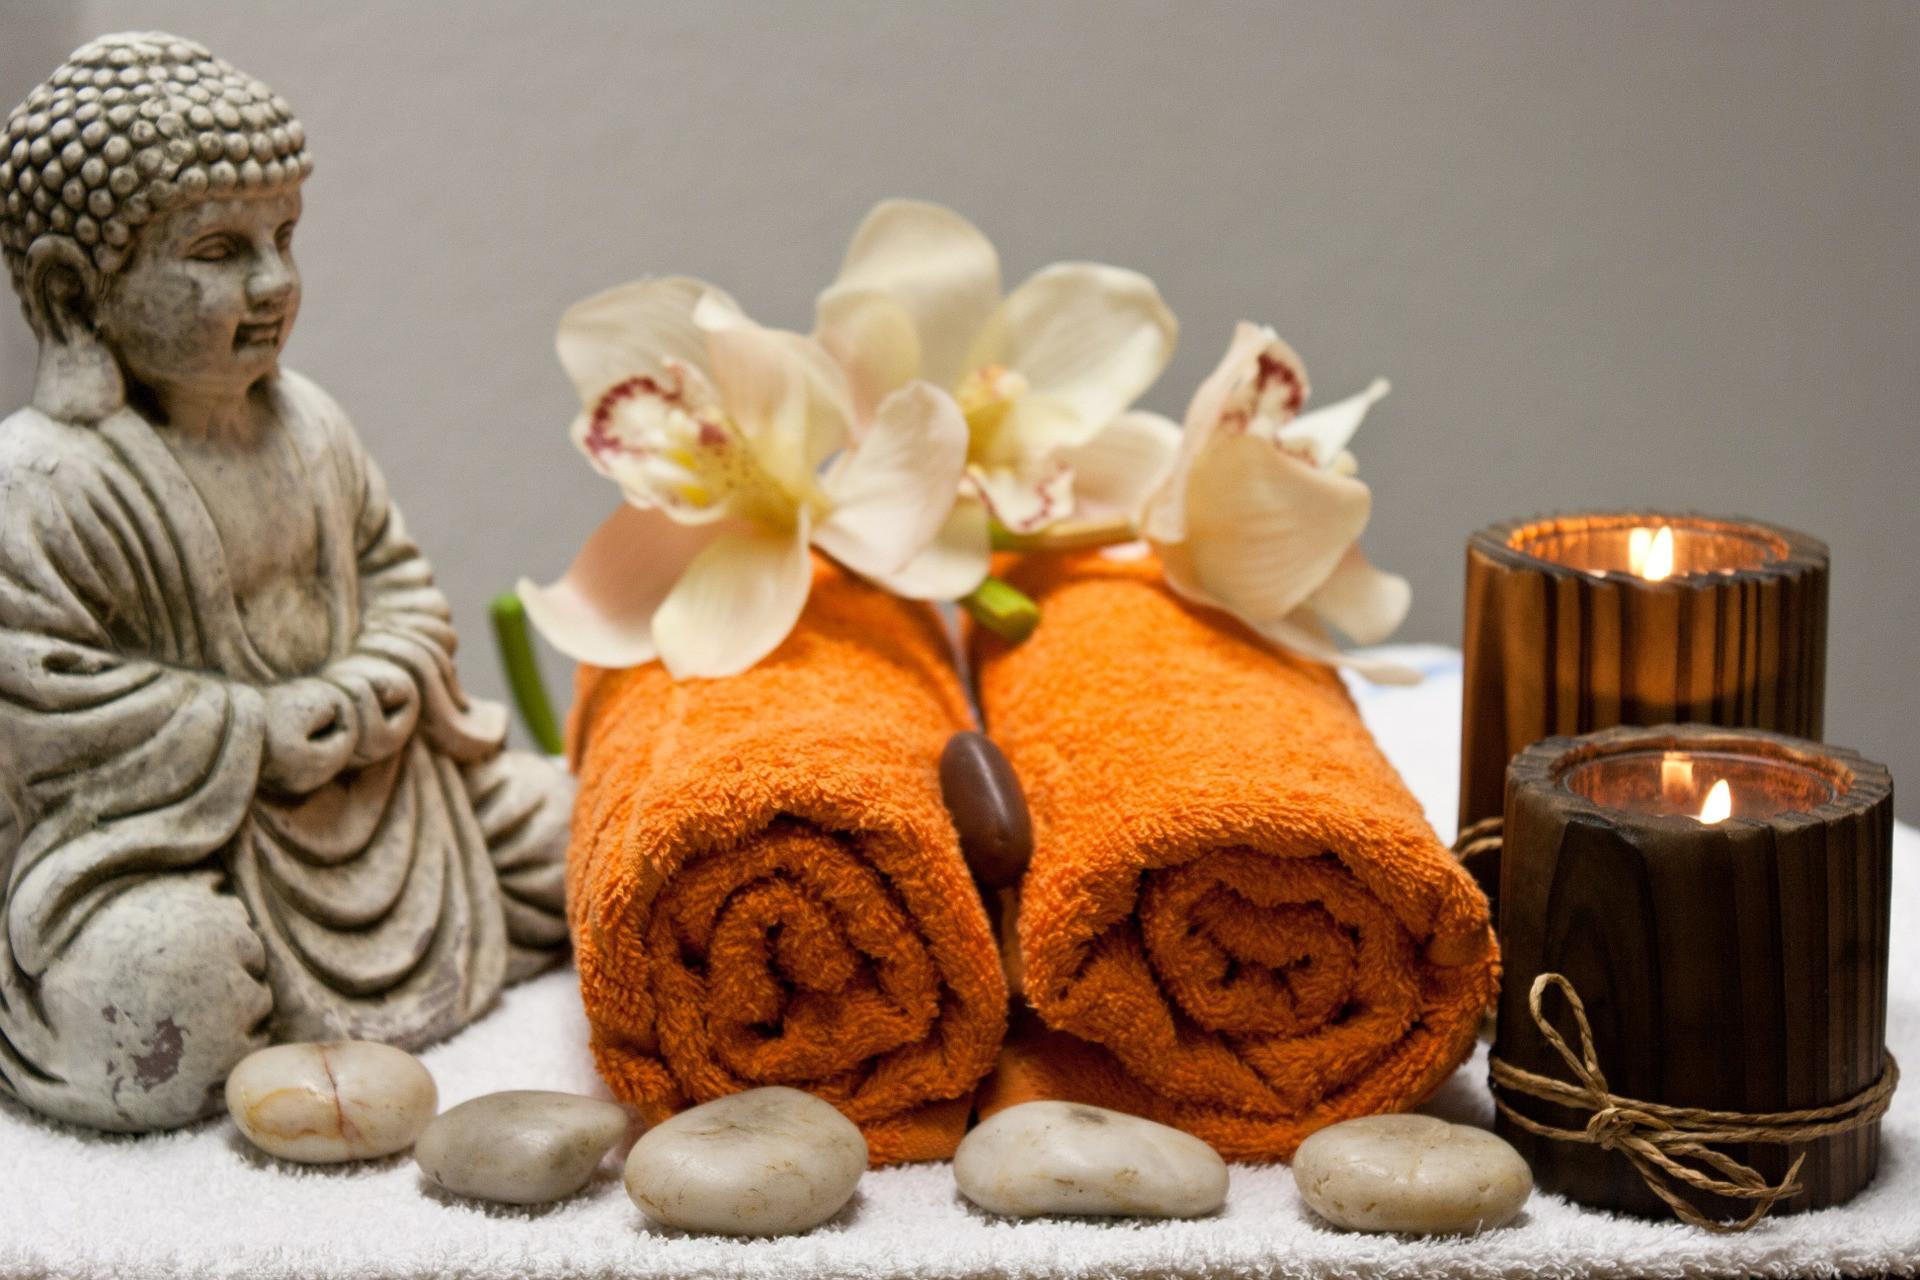 Matériel_cente_massage_détente.jpg